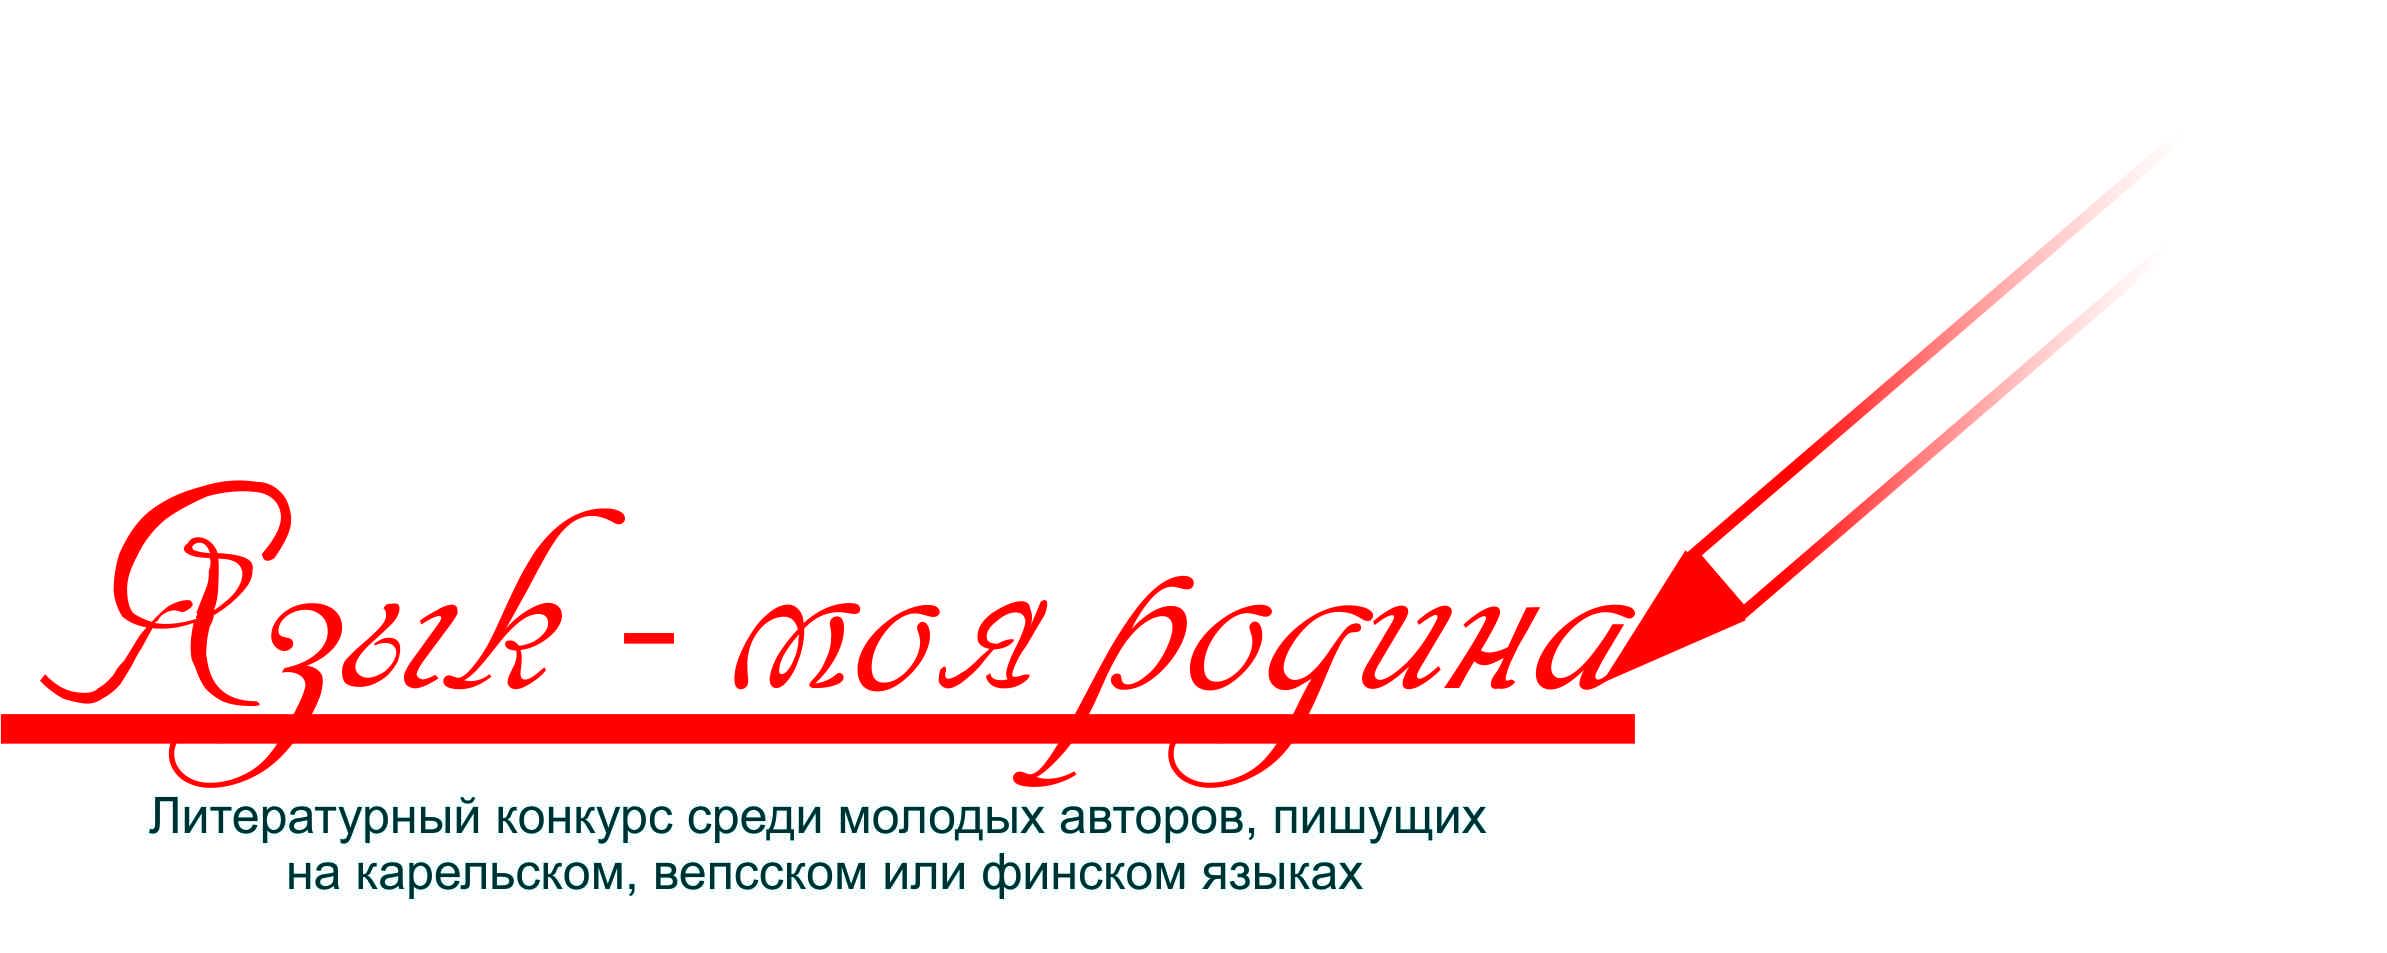 Продолжается прием заявок на участие в конкурсе среди молодых авторов «Язык – моя родина»